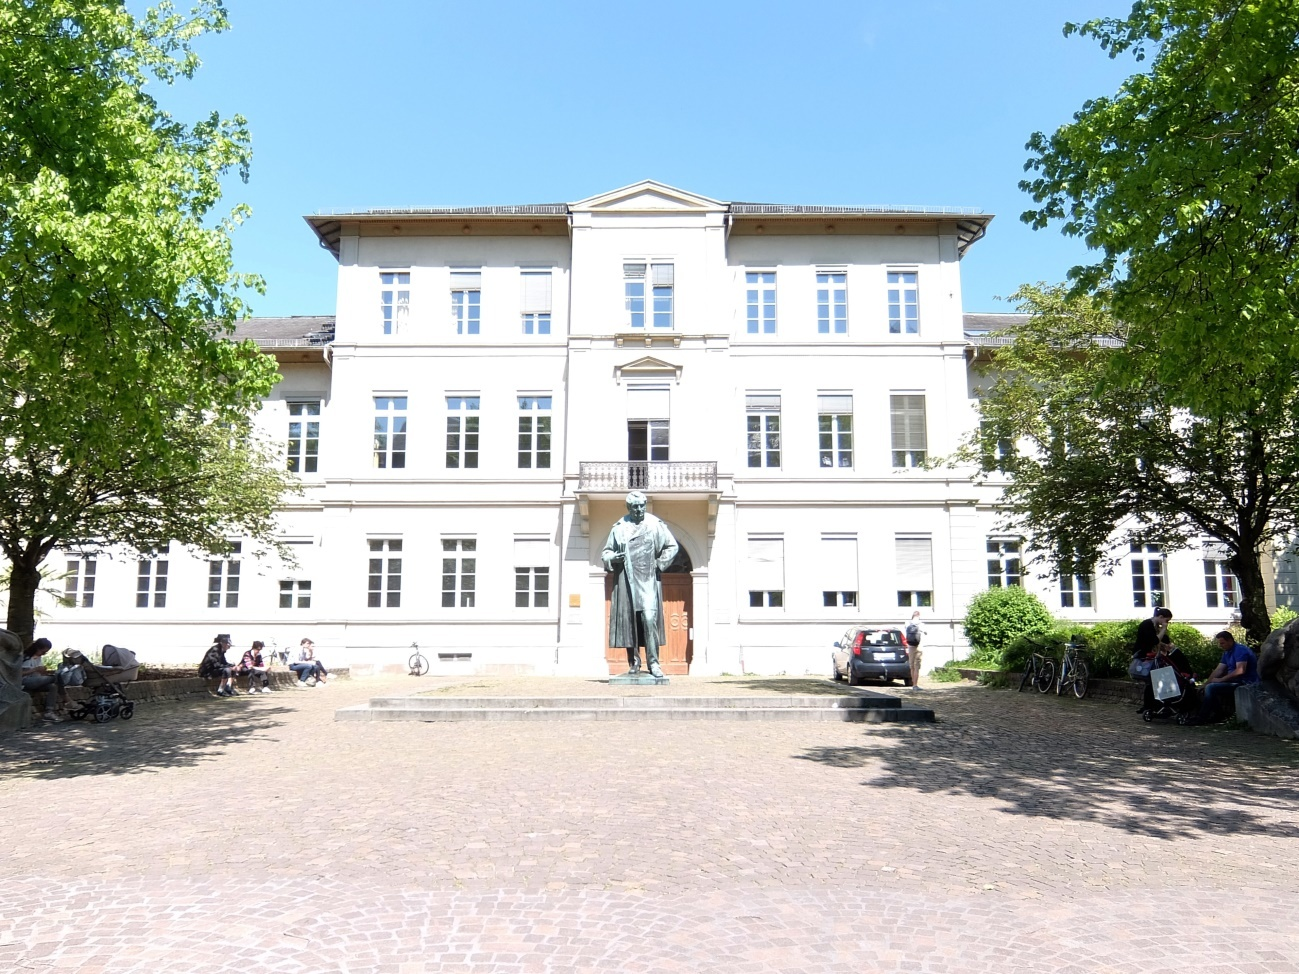 ハイデルベルク大学